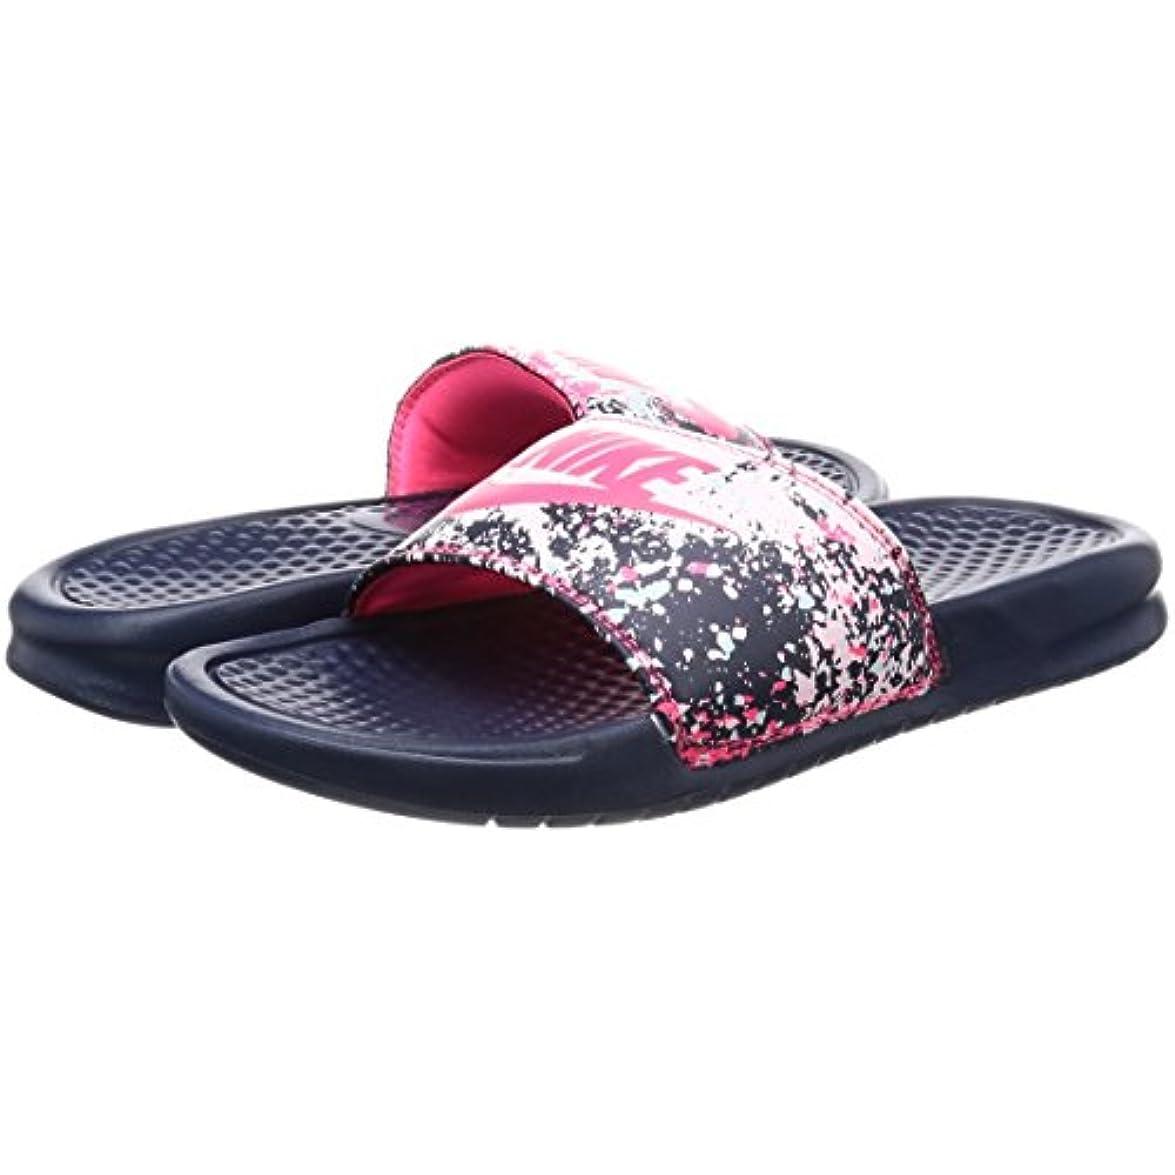 Nike 618919 Scarpe Da Ginnastica Basse Donna